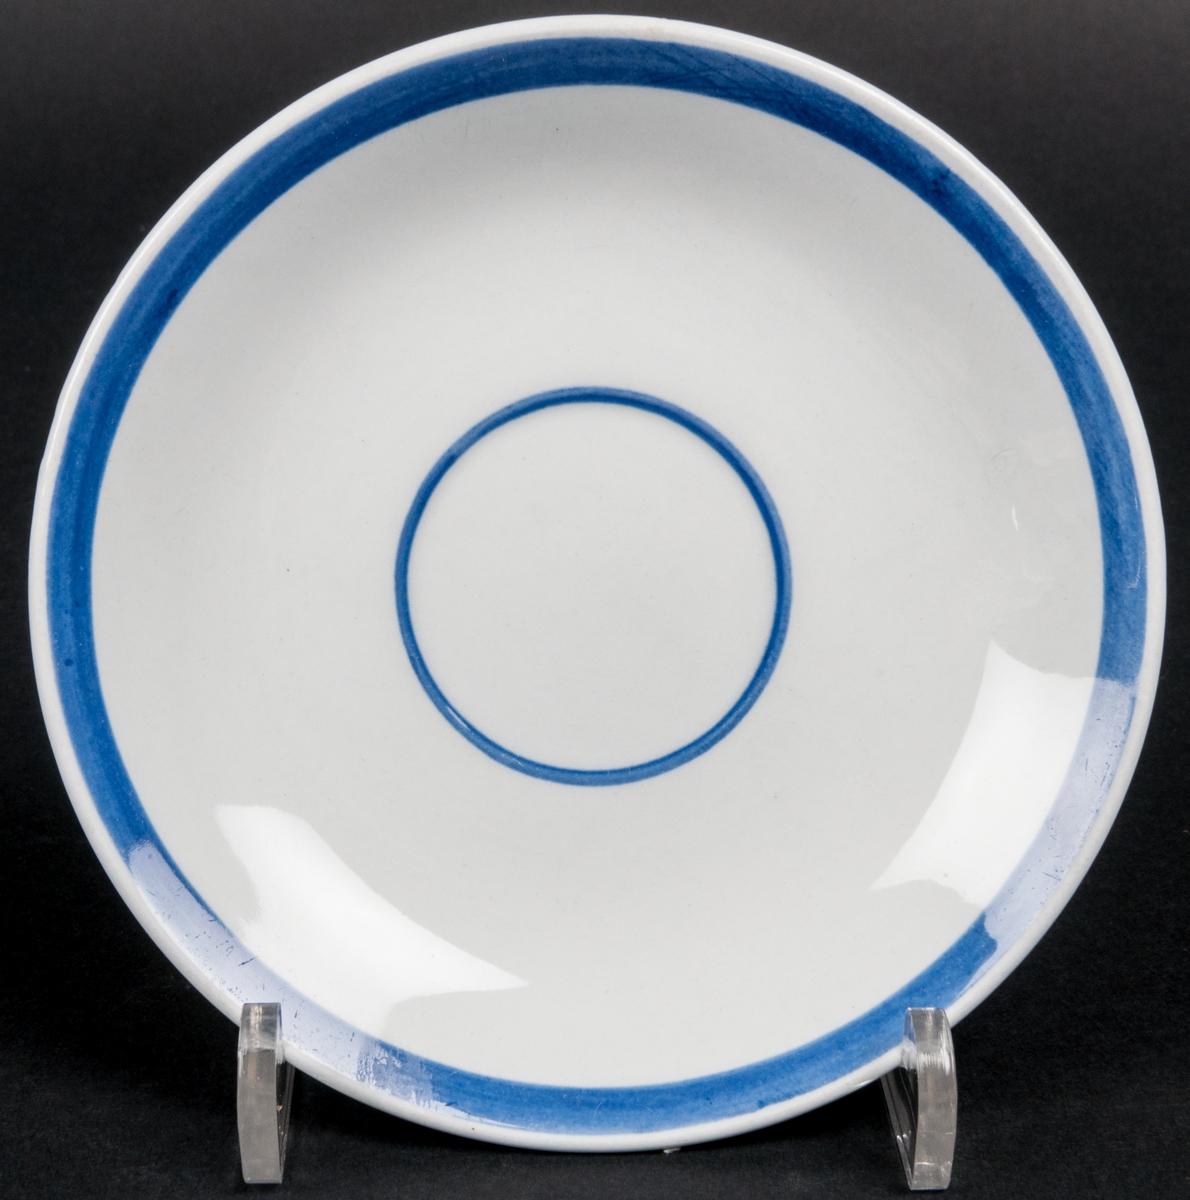 Kaffekoppar med fat, 6 st. Flintgods, Gefle Porslin, formgivare Arthur Percy. Modell: Blått band. Ljusgrå, något bukig kopp med blå tryckt dekor (blad och kvist). Blå rand upptill på insidan. Ljusgrått fat med blå rand längs brättet. Blå färgstämpel under fatet: rundugnar och Gefle i cirkel Made in Sweden